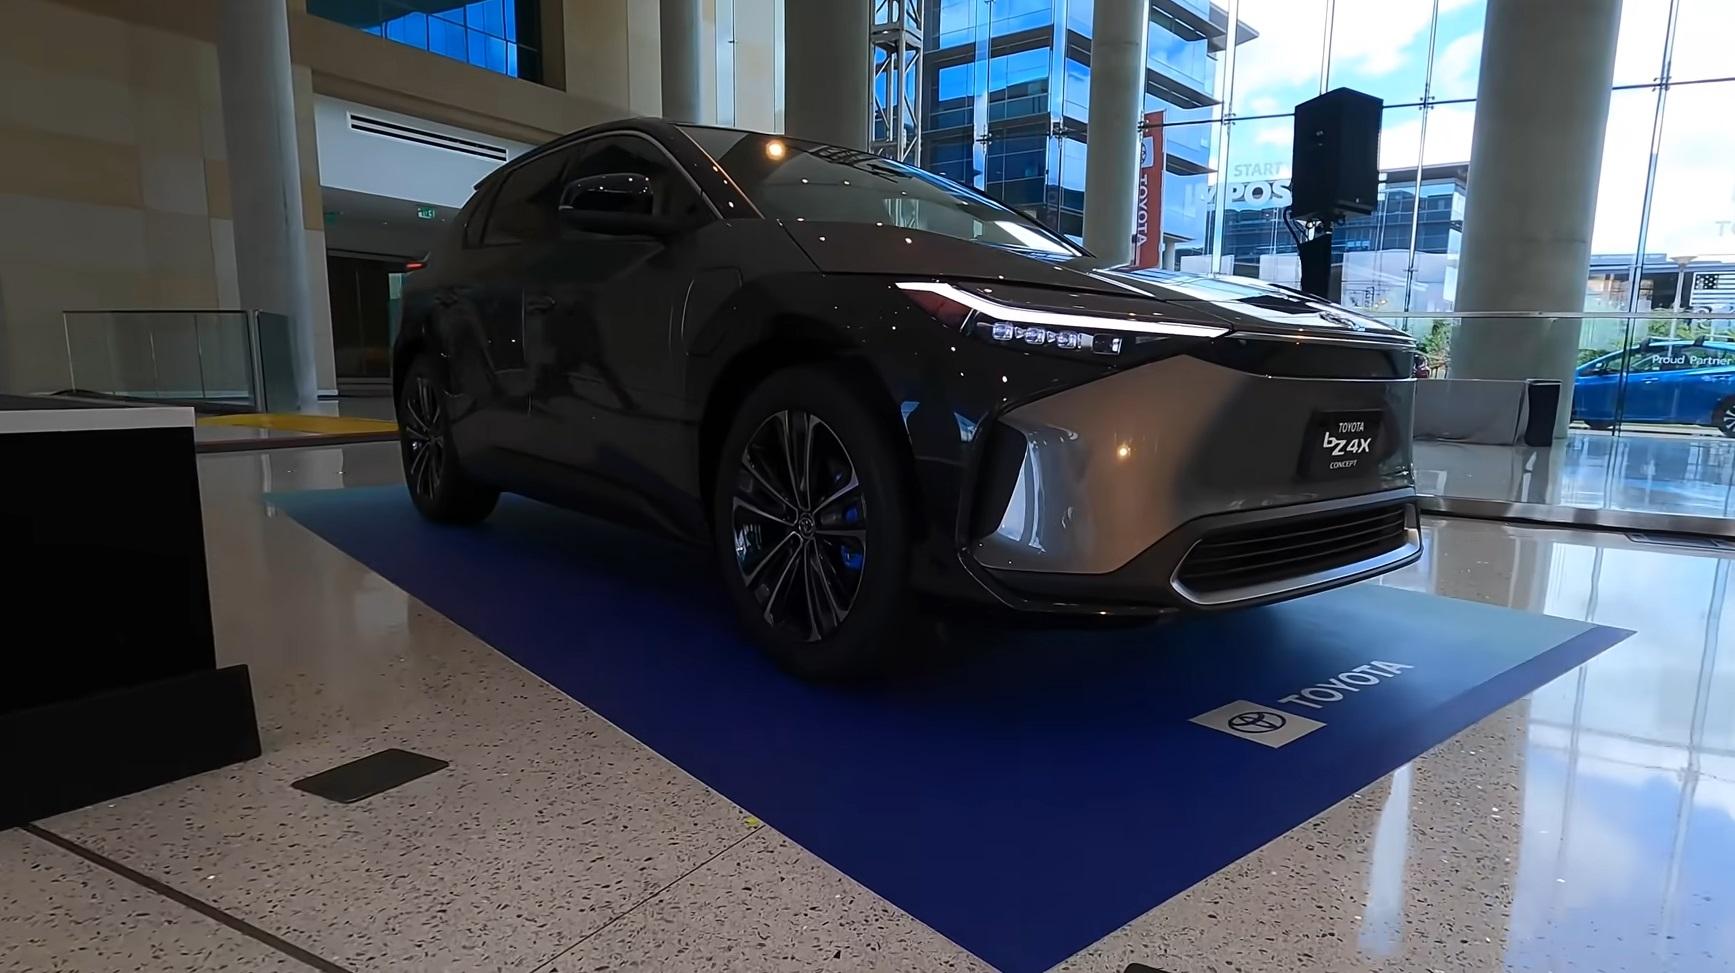 toyota akan mengembangkan teknologi baterai mobil listrik sendiri berbasis teknologi solid-state.